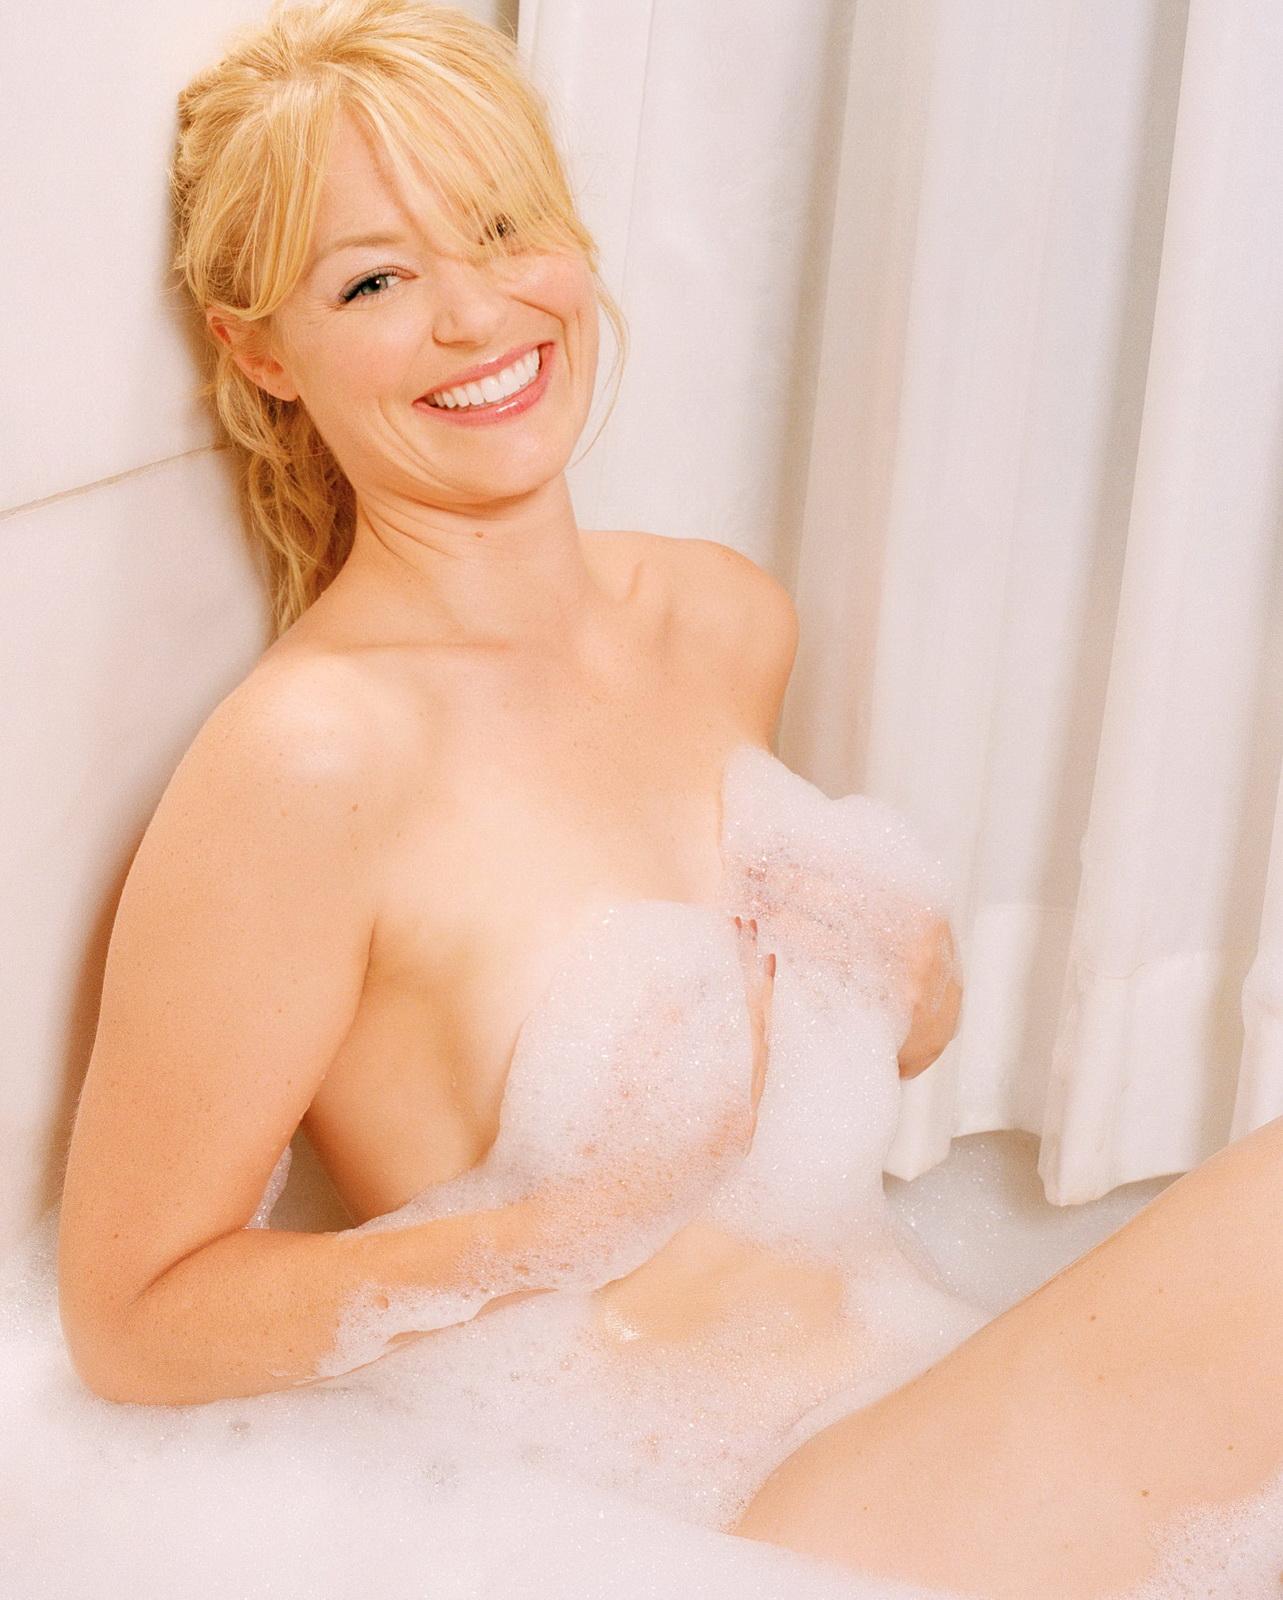 http://4.bp.blogspot.com/_NRGPIrDtEg8/TQsg8CNChPI/AAAAAAAAAYo/zG-c1o6I9Oo/s1600/Ross_Charlotte_nude_big_tits_bath_2.jpg?breasts%20ass